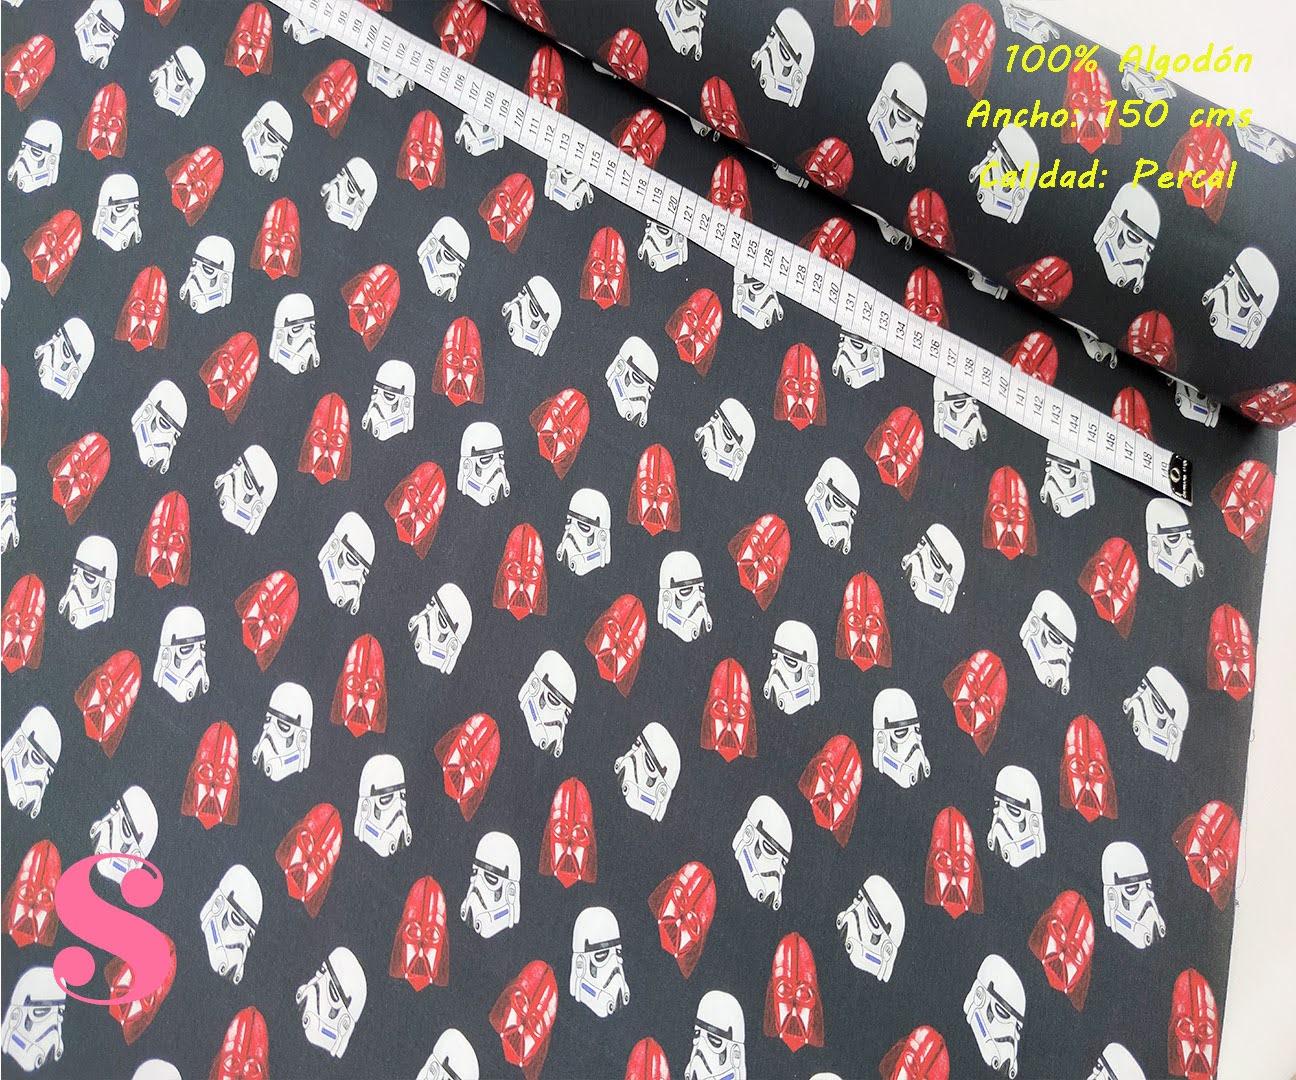 570-star-wars-soldados-tejidos-algodón-estampado-percal,Tejido Estampado Star Wars Darth Vader Rojo y Blanco